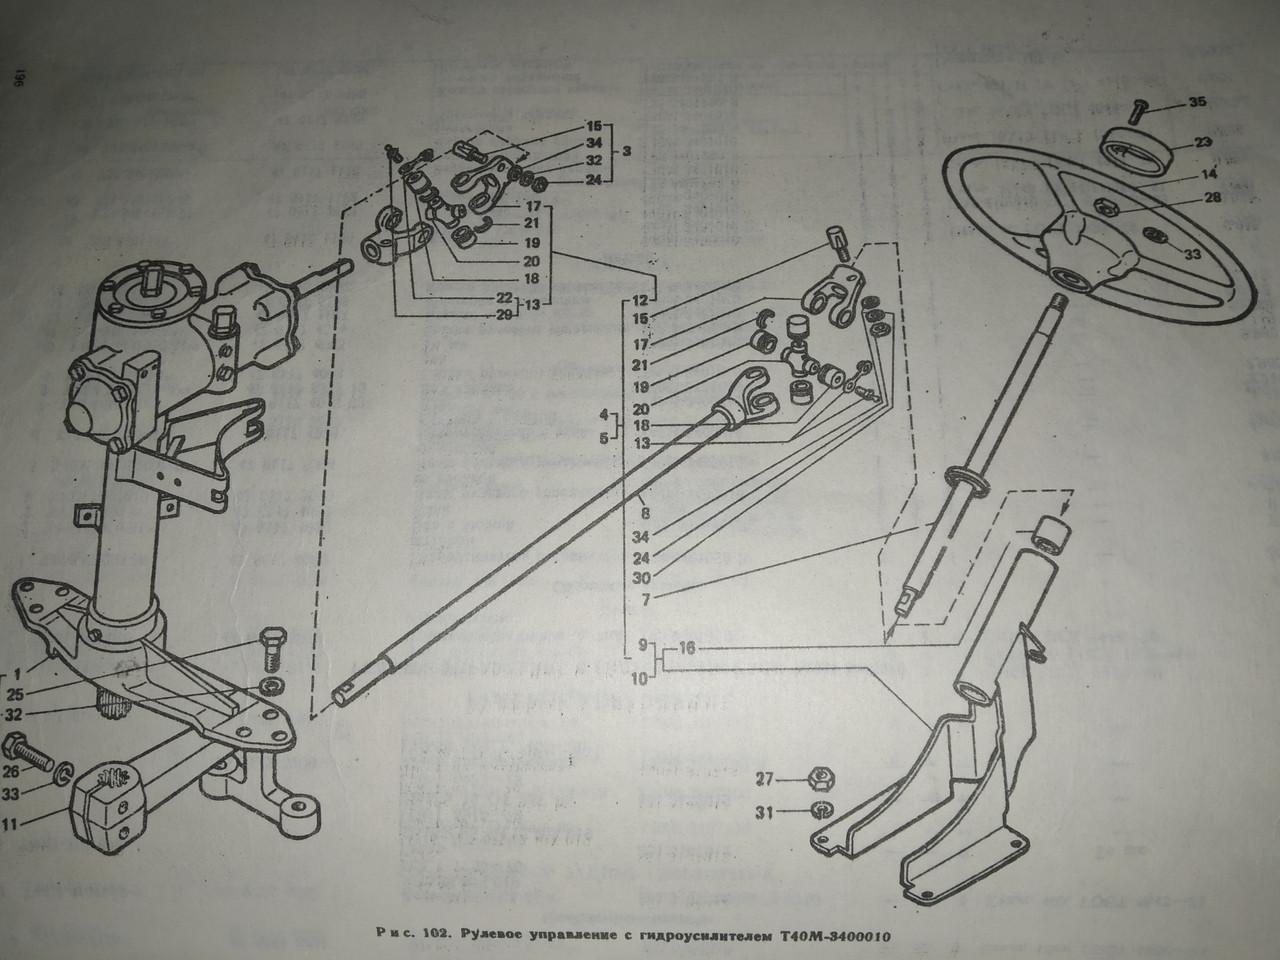 Запчастини рульового управління Т-40